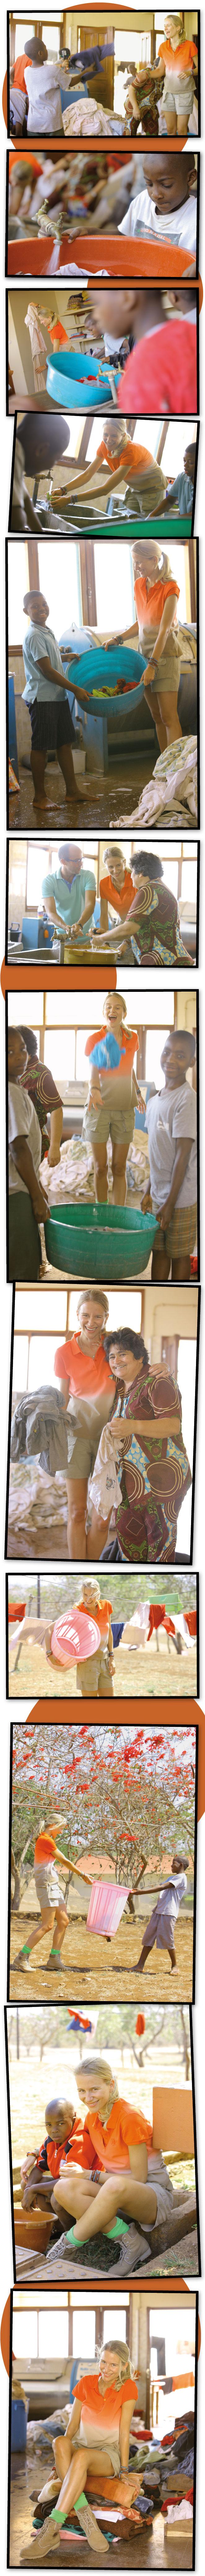 """María León ayudando en el mantenimiento de """"La Casa Do Gaiato"""" en Mozambique"""